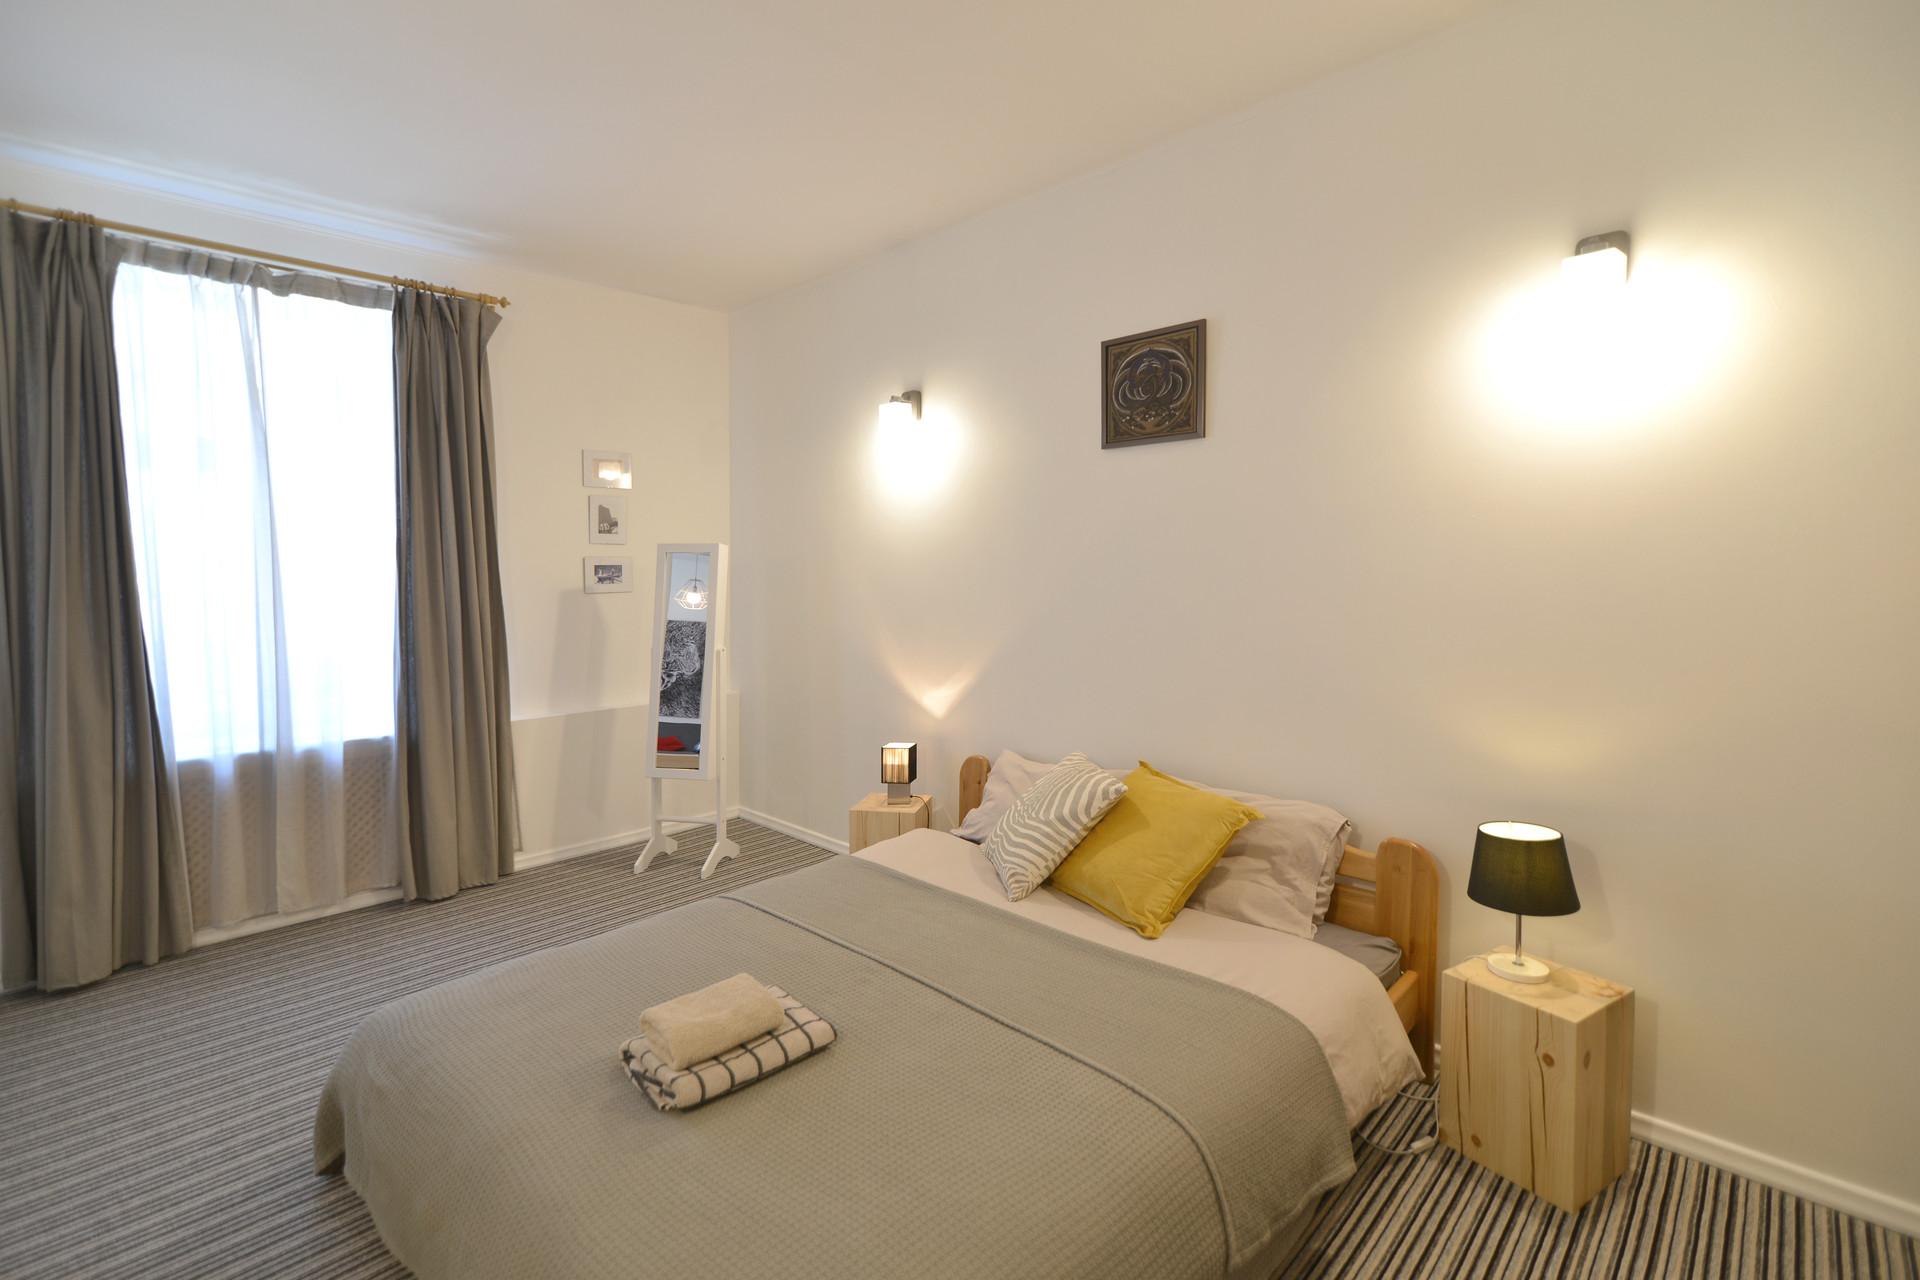 Spacious 2 room apartment in Central Riga | Flat rent Riga